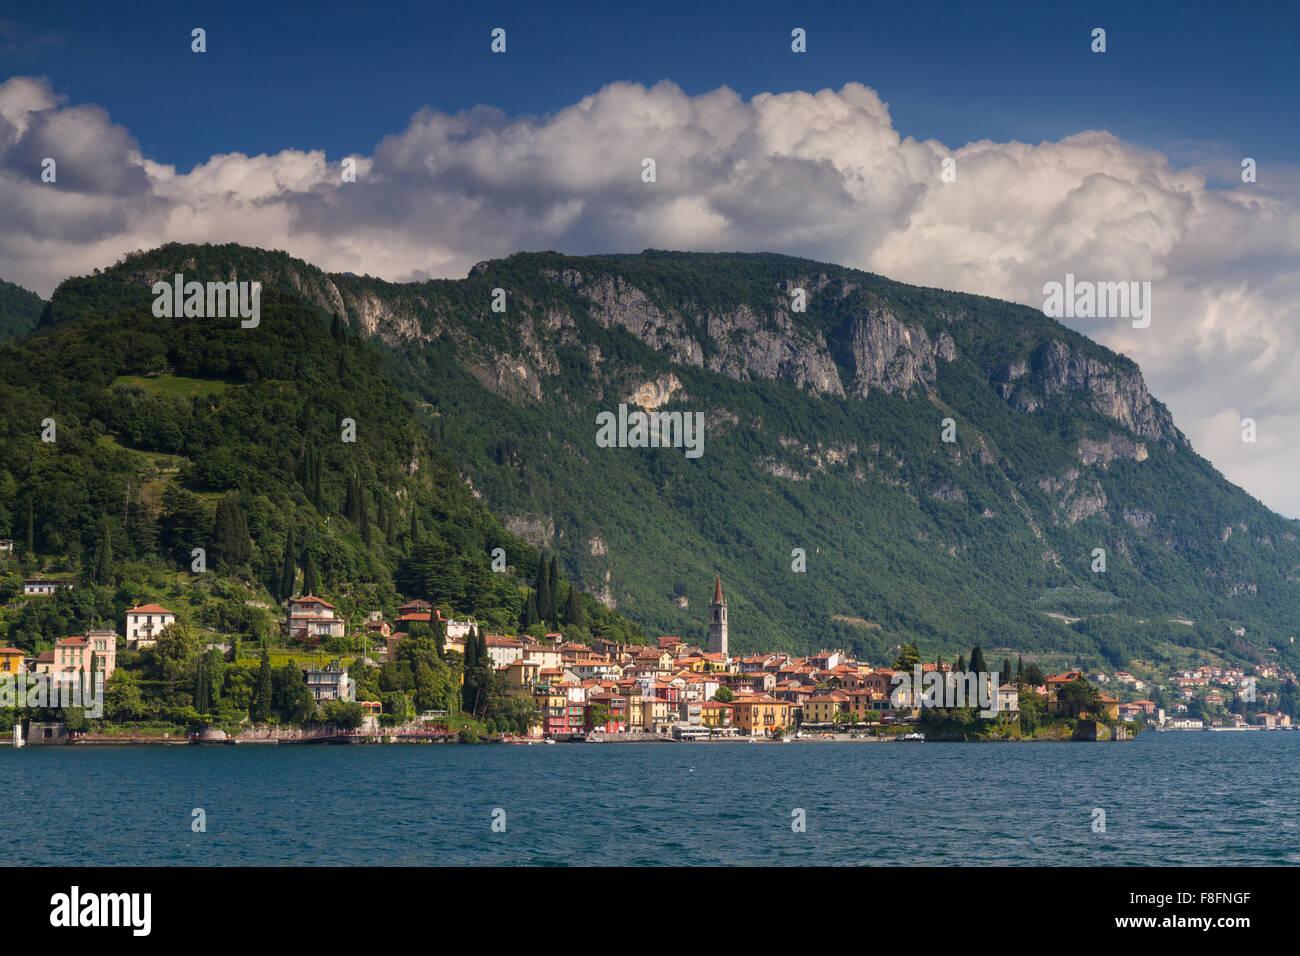 Cityscape of Varenna, Lake Como, Lombardia, Italy - Stock Image